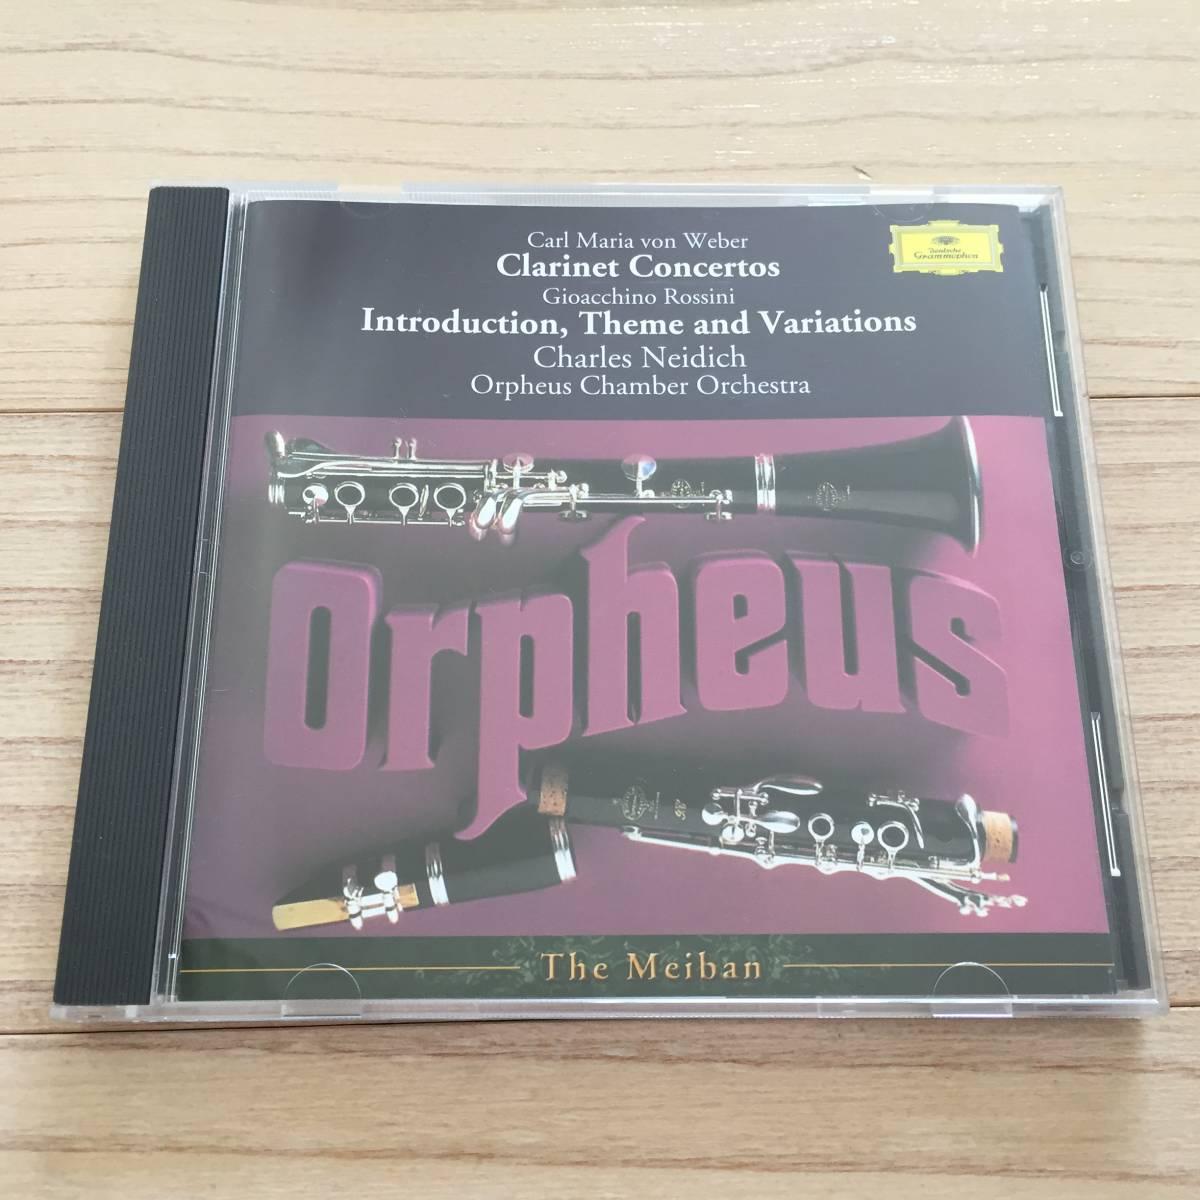 【国内盤CD/Grammophon/UCCG-9470/2003年盤/with Obi】 ウェーバー / クラリネット協奏曲第1番・第2番│クラリネット:ナイディック_画像1